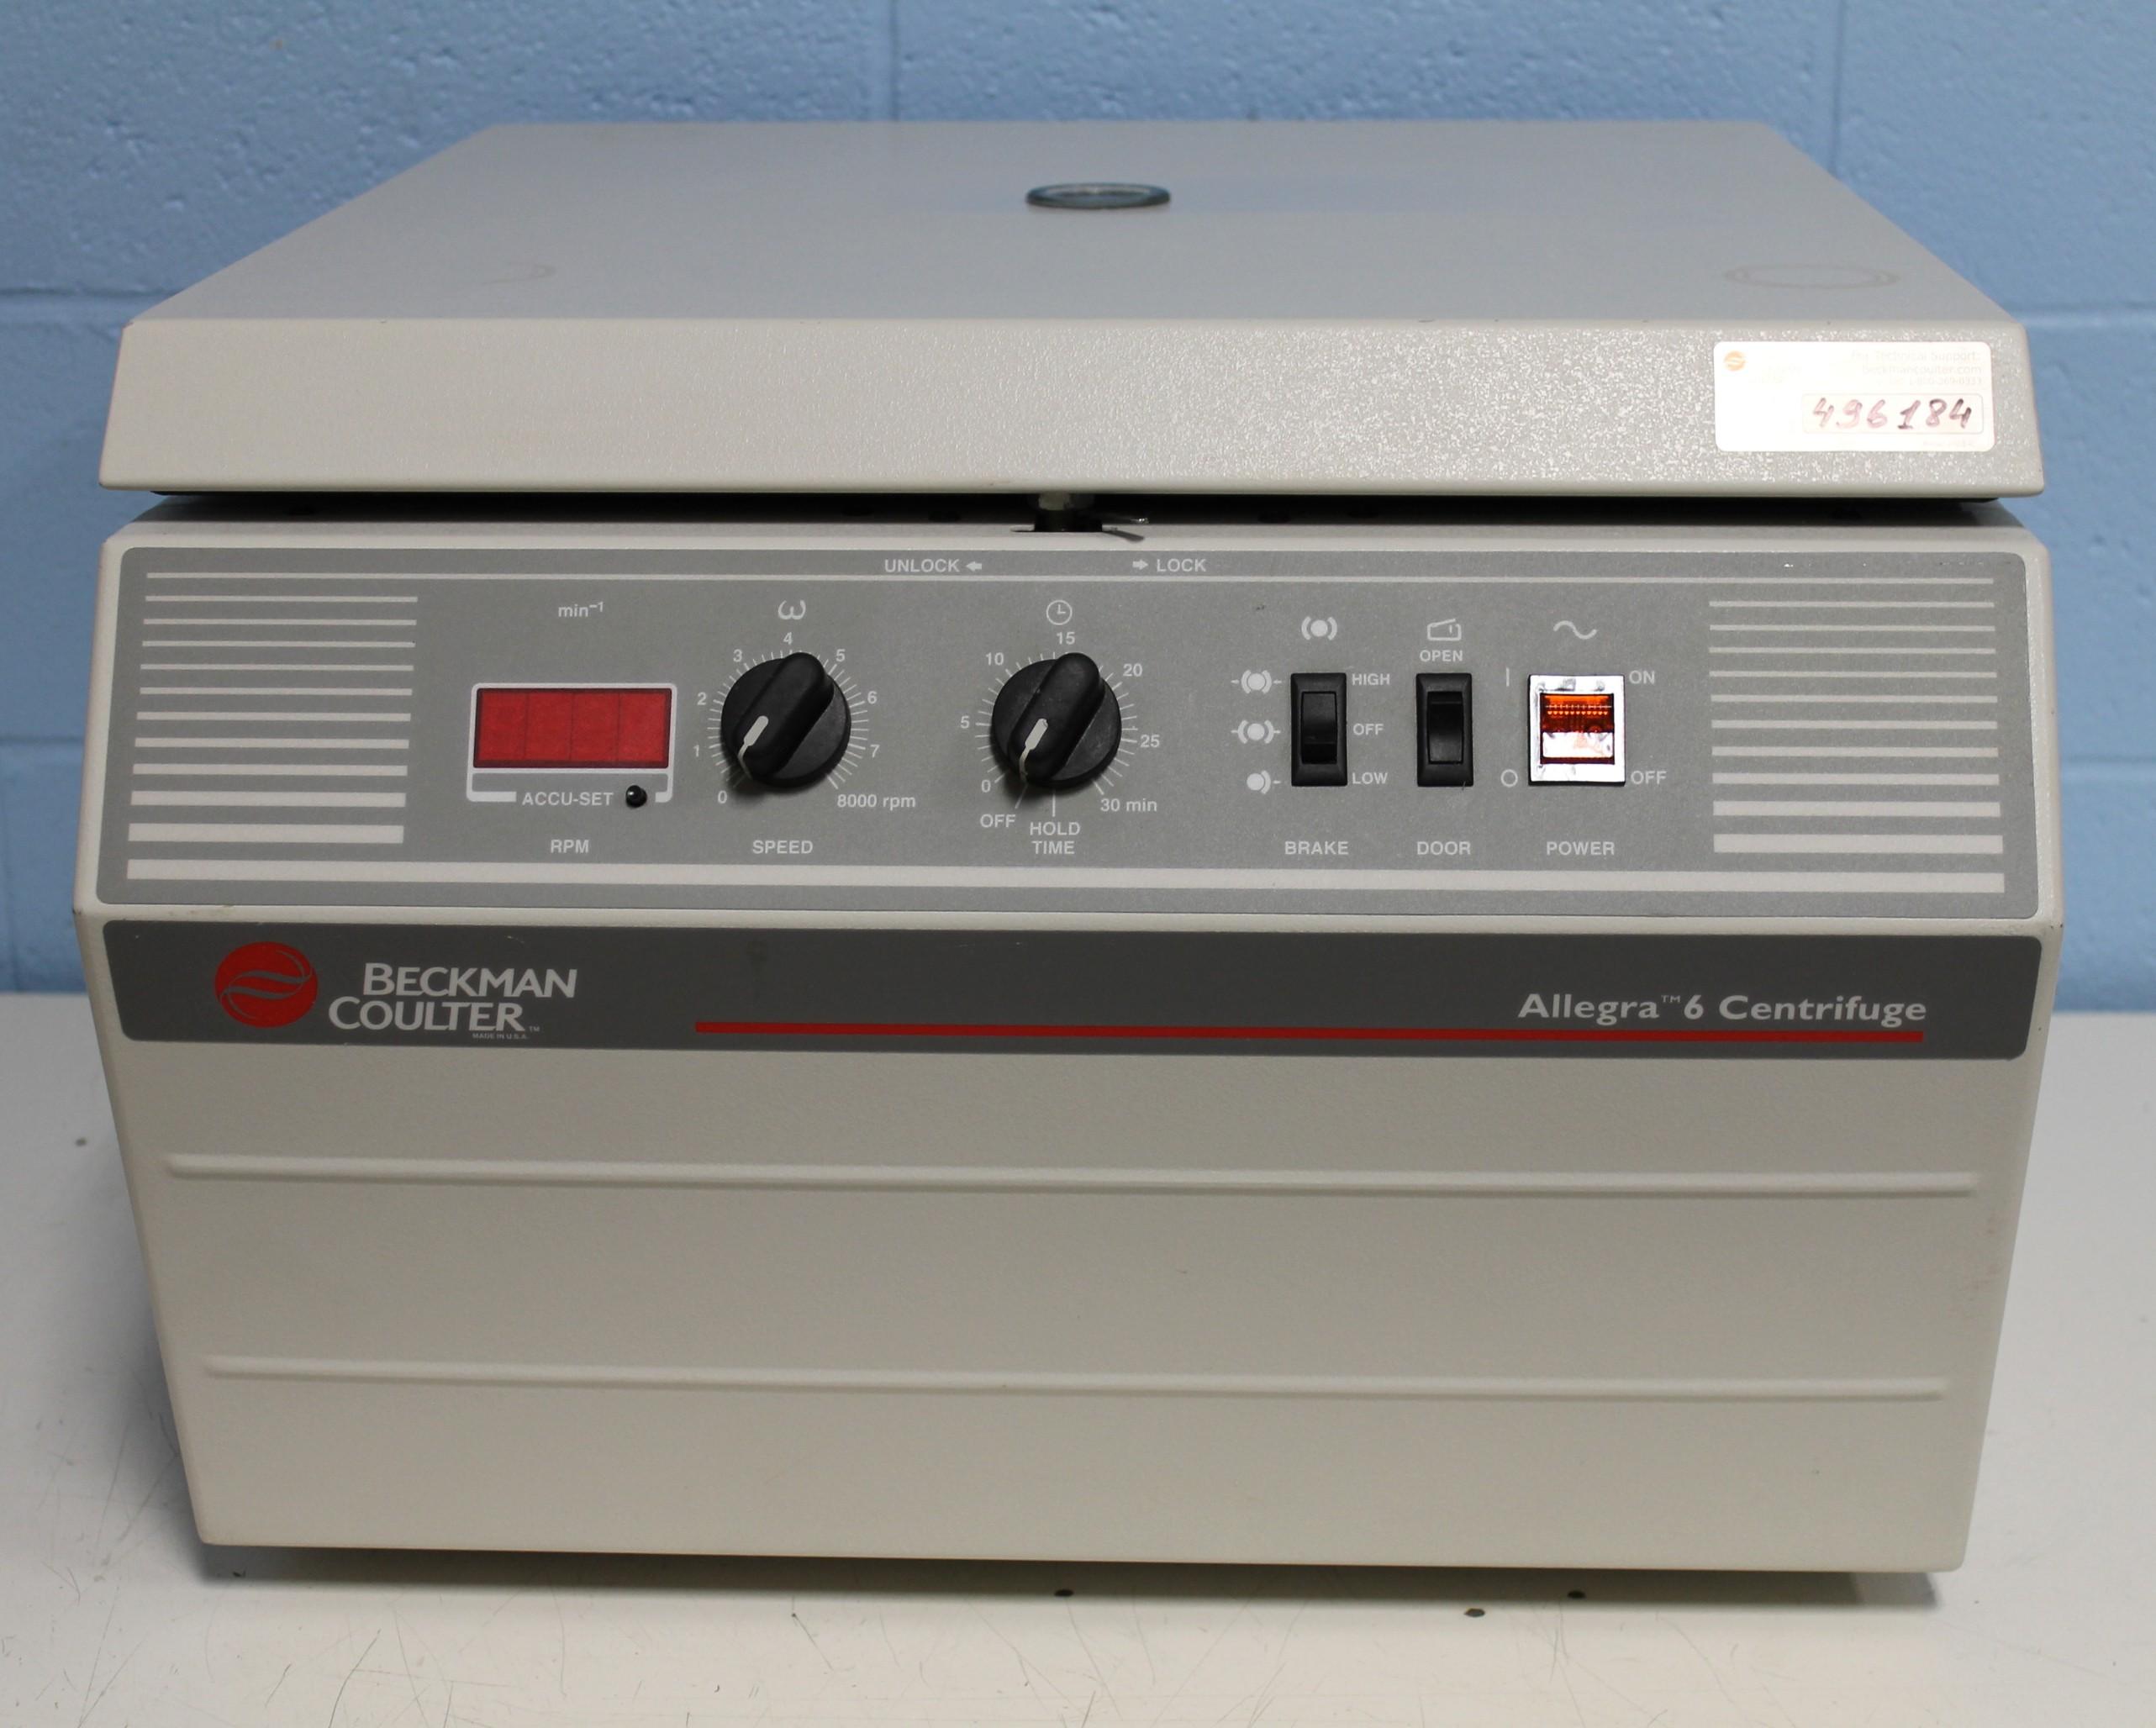 Beckman Coulter Allegra 6 Centrifuge Image